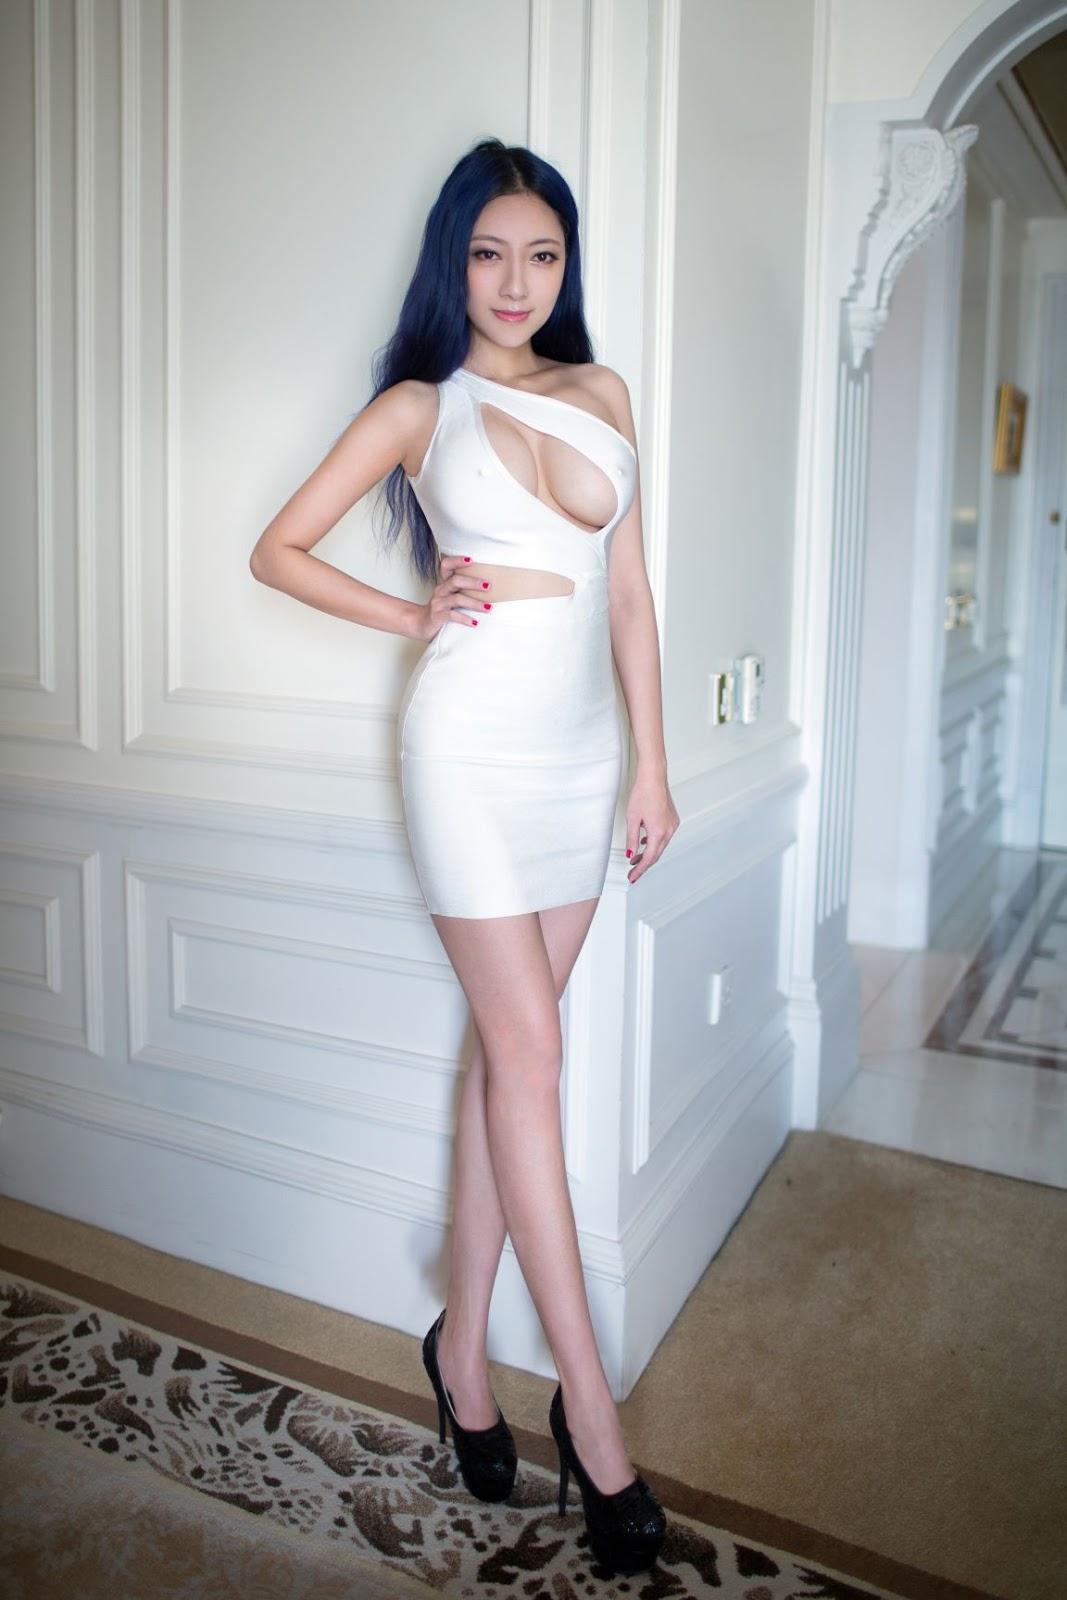 Filipina Porn Star Jasmin Bagor Leaked Nude Photos